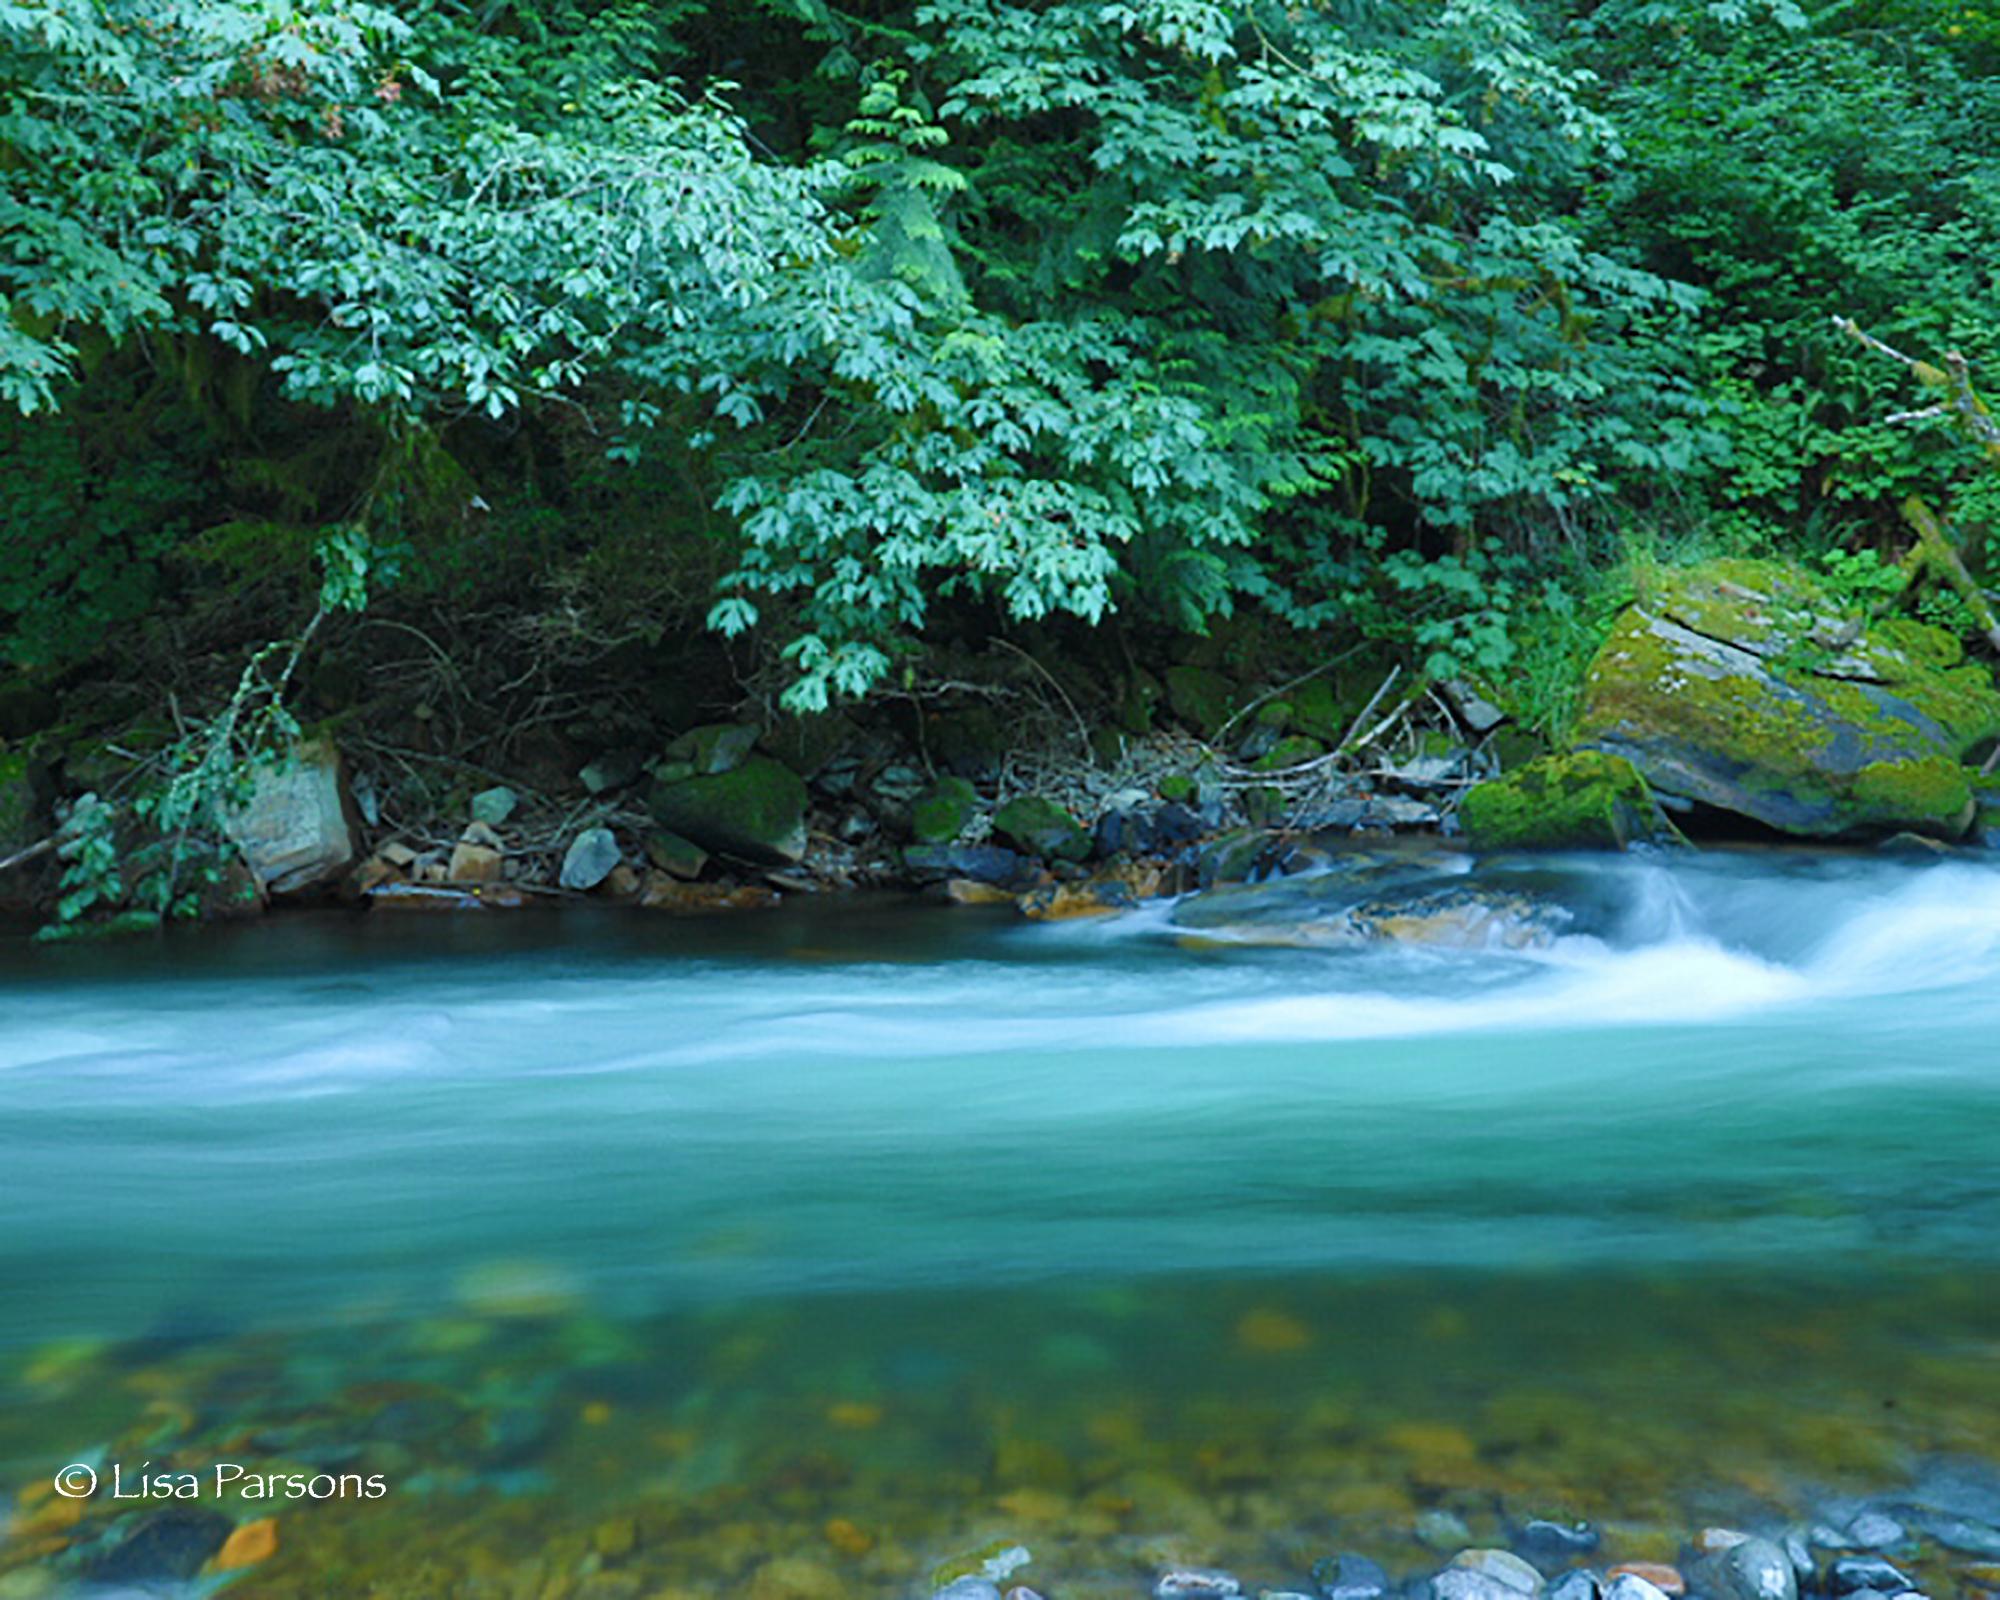 Spirit of Water